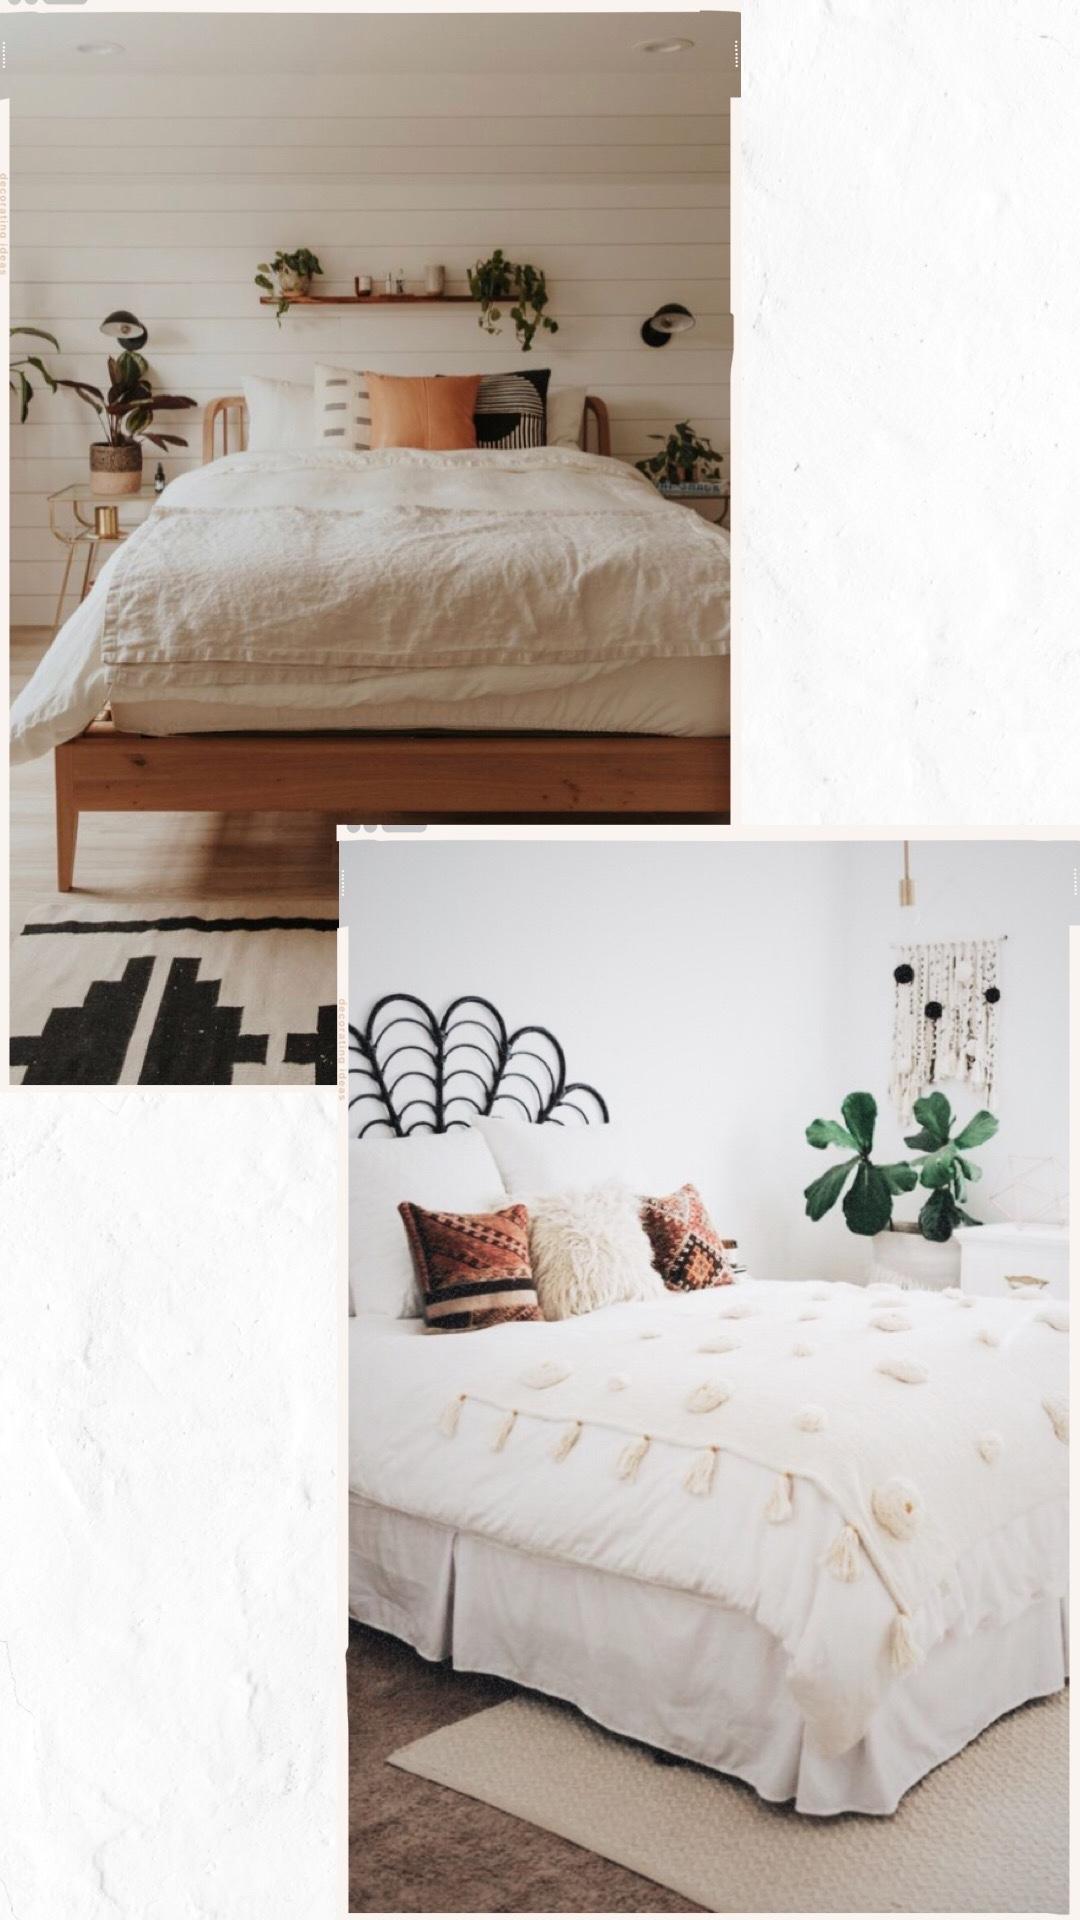 inspiración y tips para redecorar tu habitación